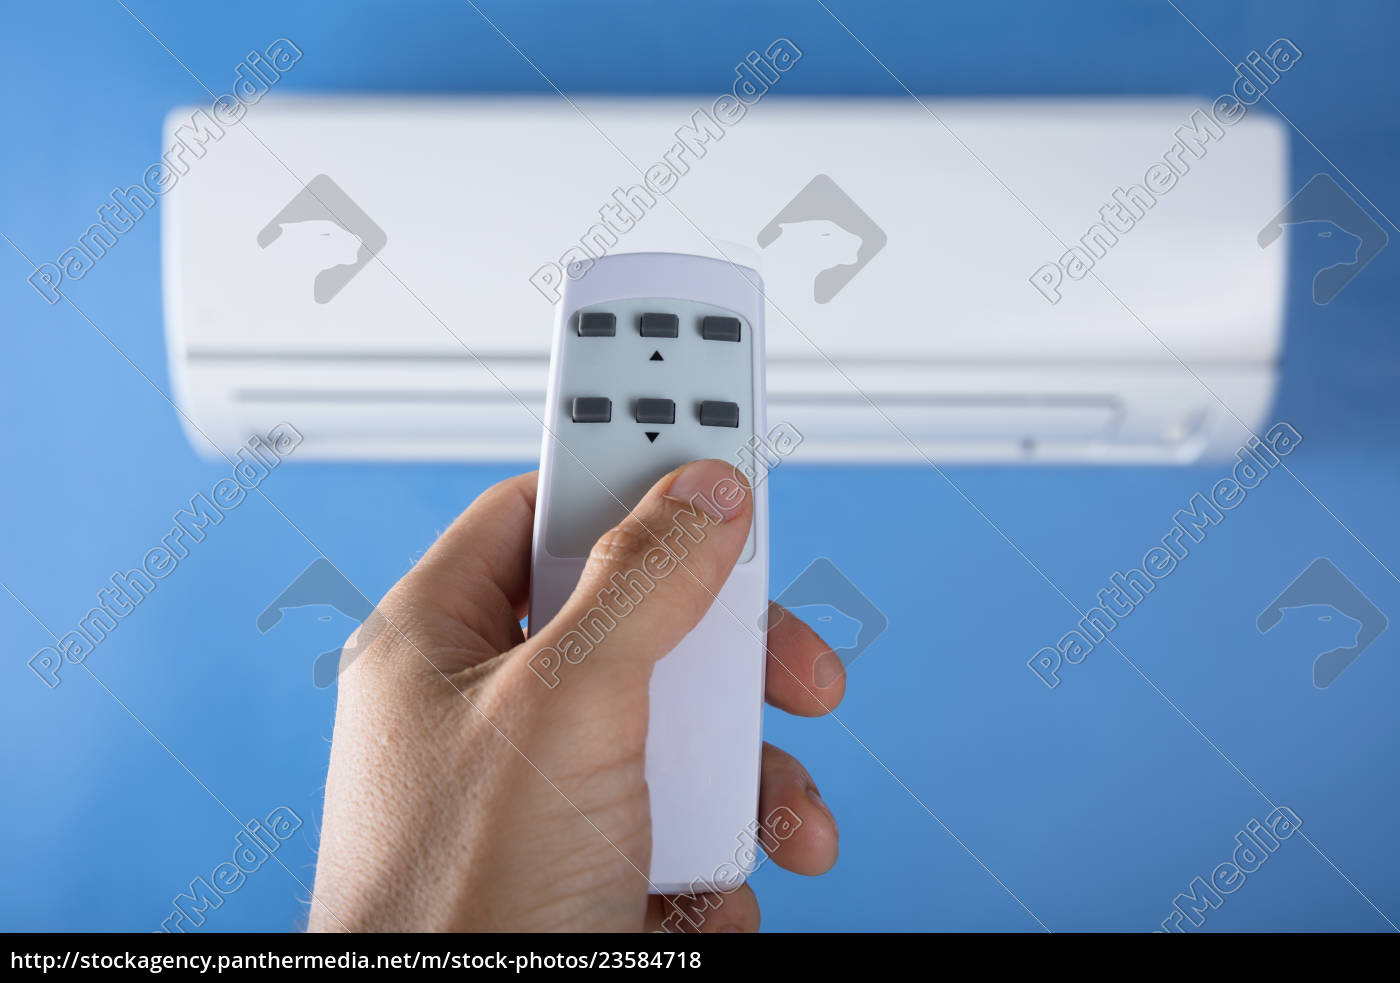 hand, adjusting, temperature, of, air, conditioner - 23584718